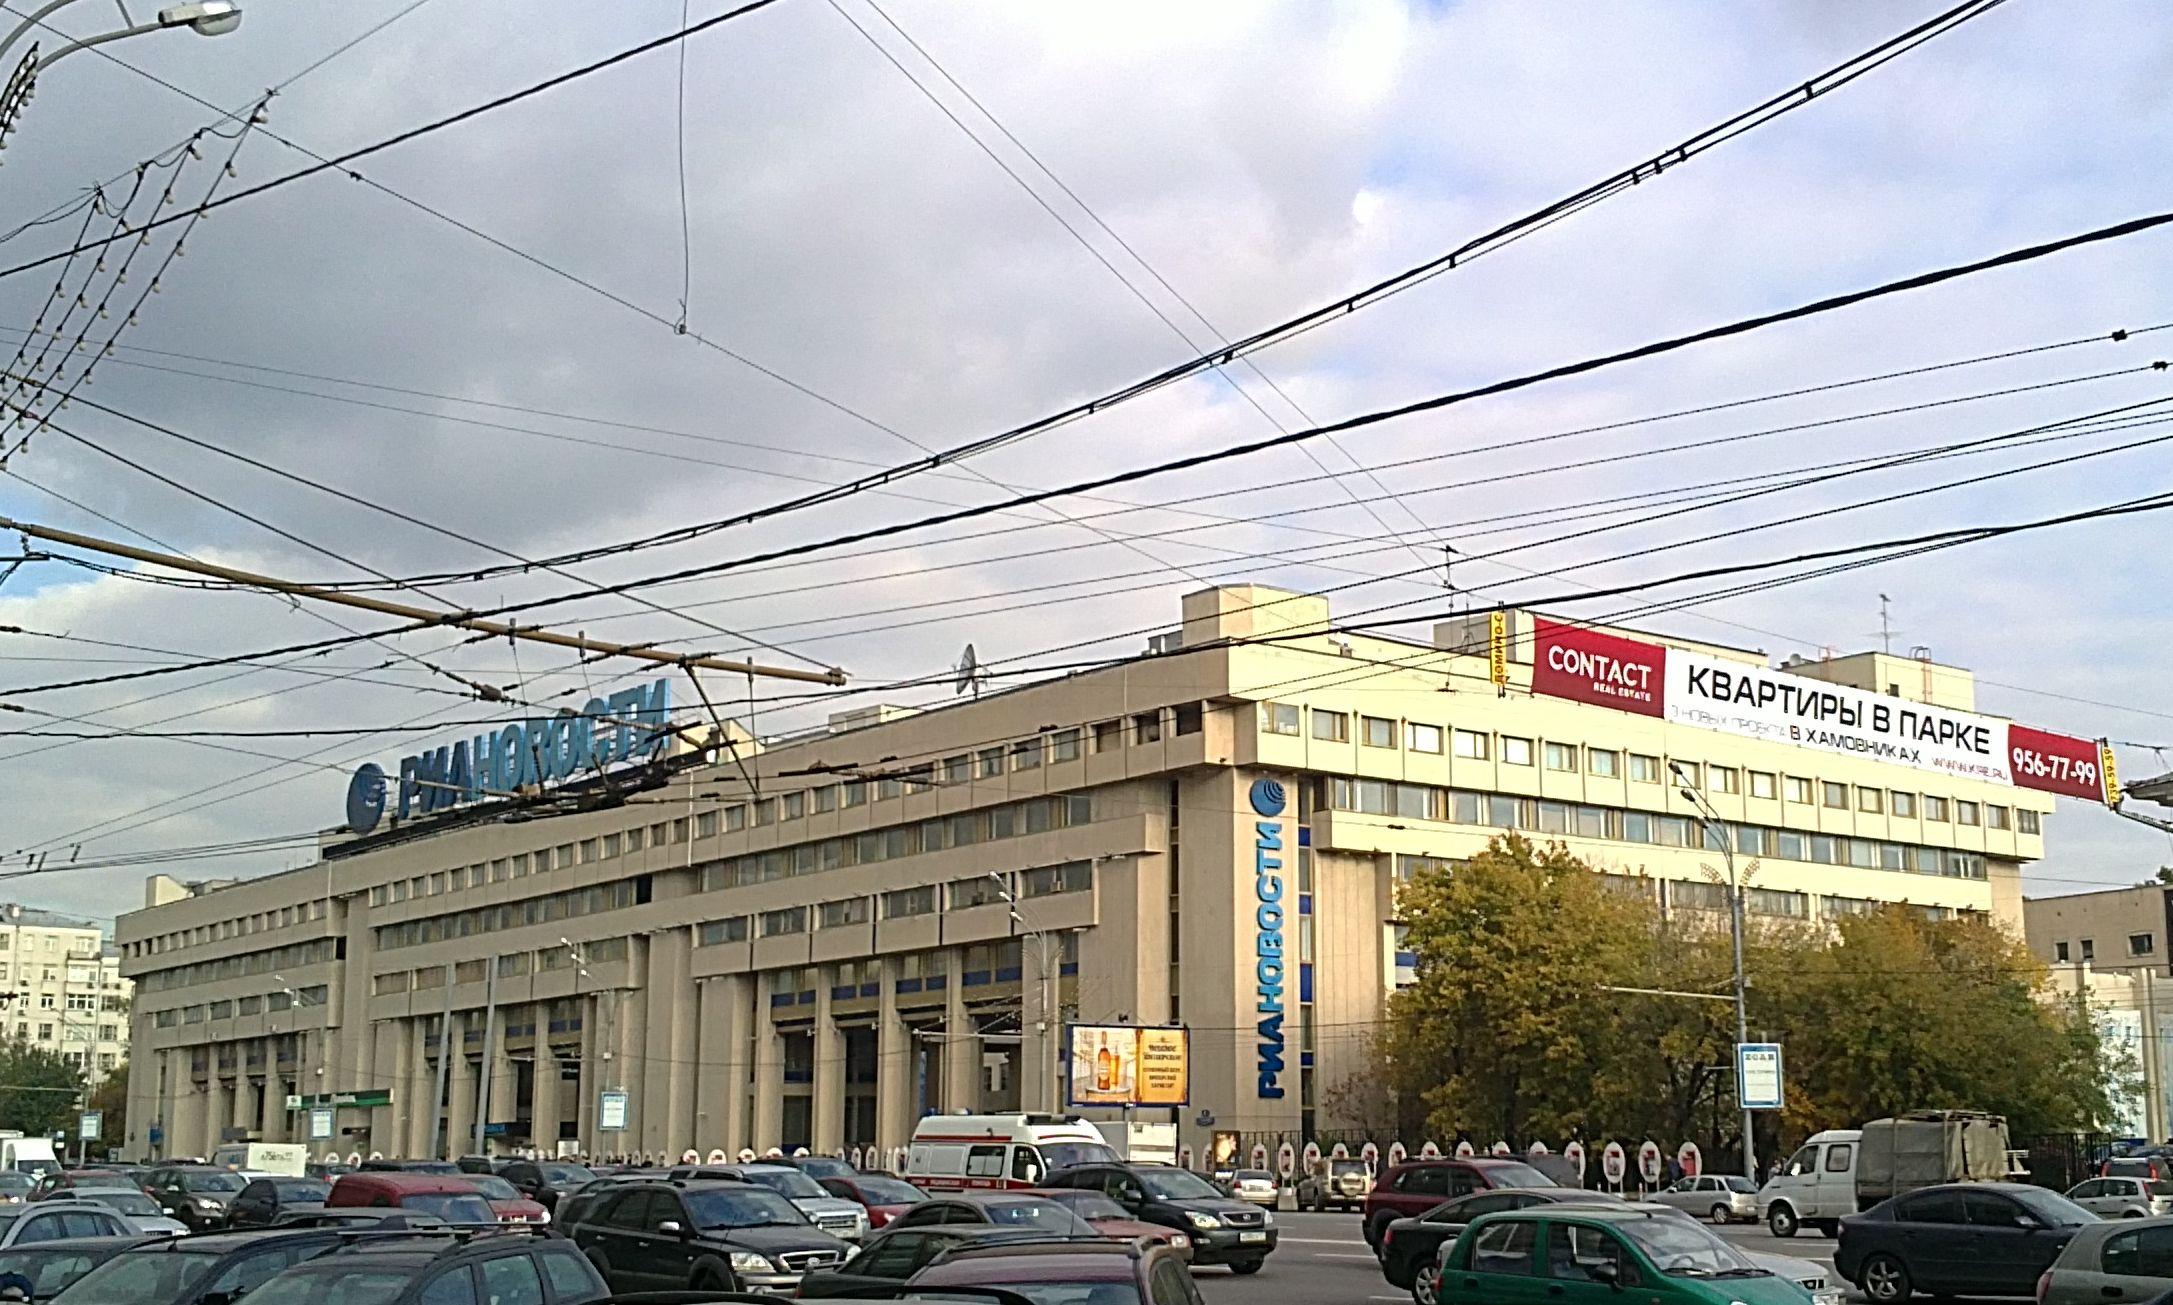 РИА Новости - это... Что такое РИА Новости?